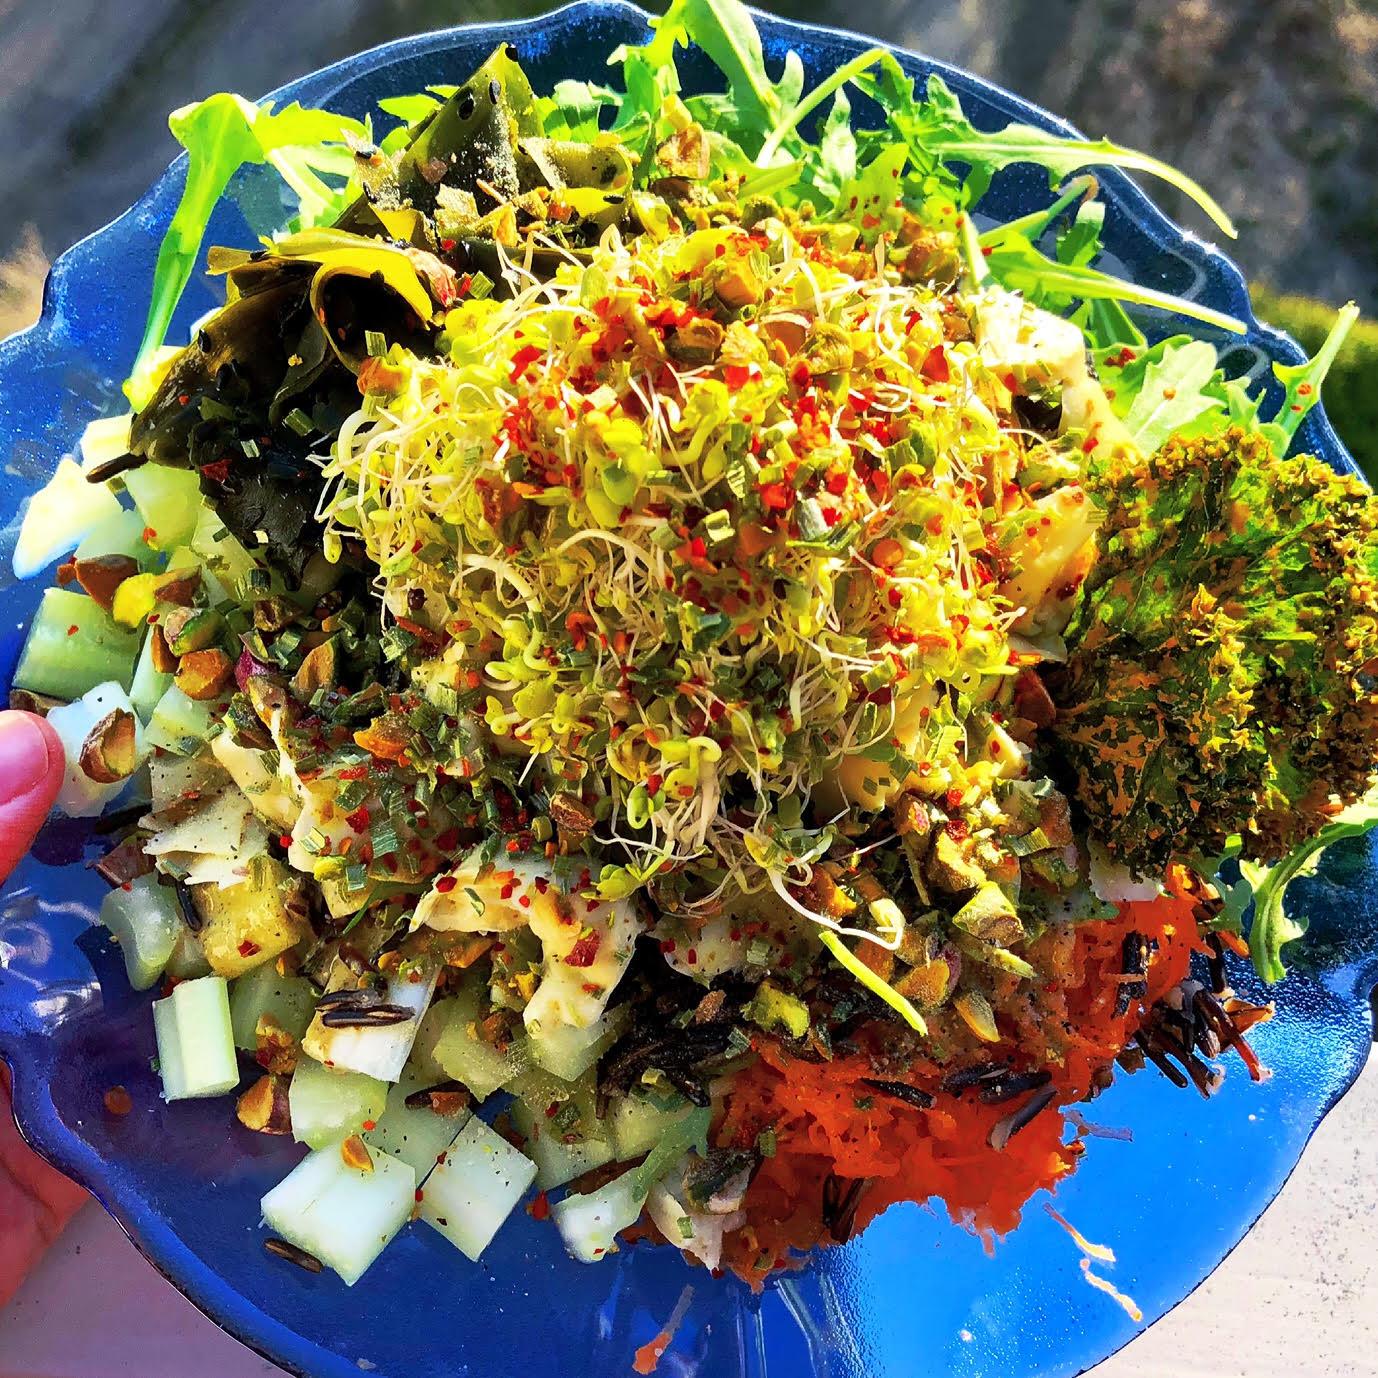 Nydelig og fresh salat med et overflod av mikronæringsstoffer!